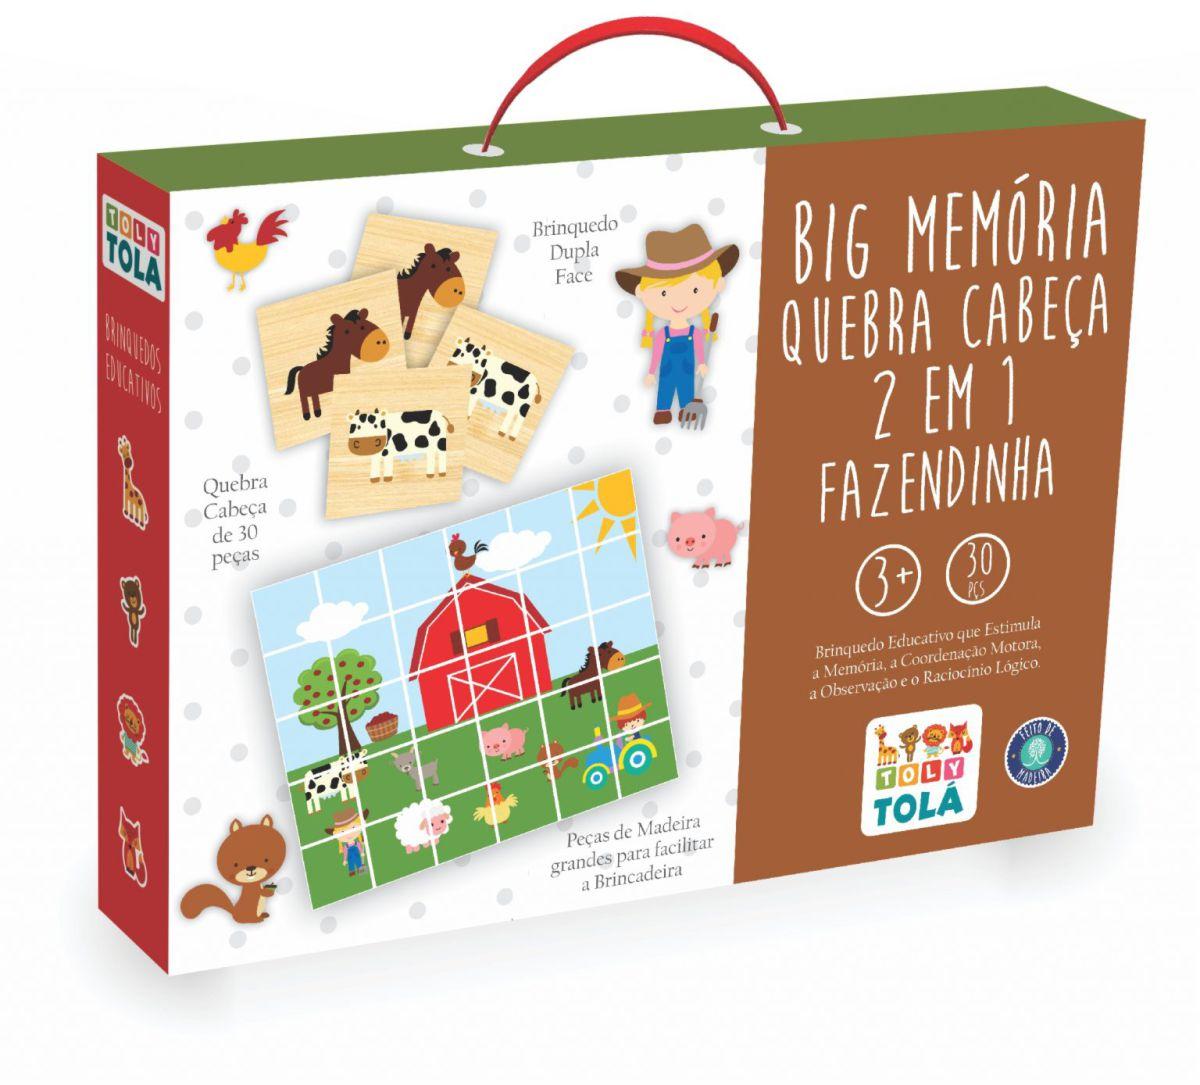 brinquedo-big-memoria-quebra-cabeca-2-em-1-fazendinha-zastras